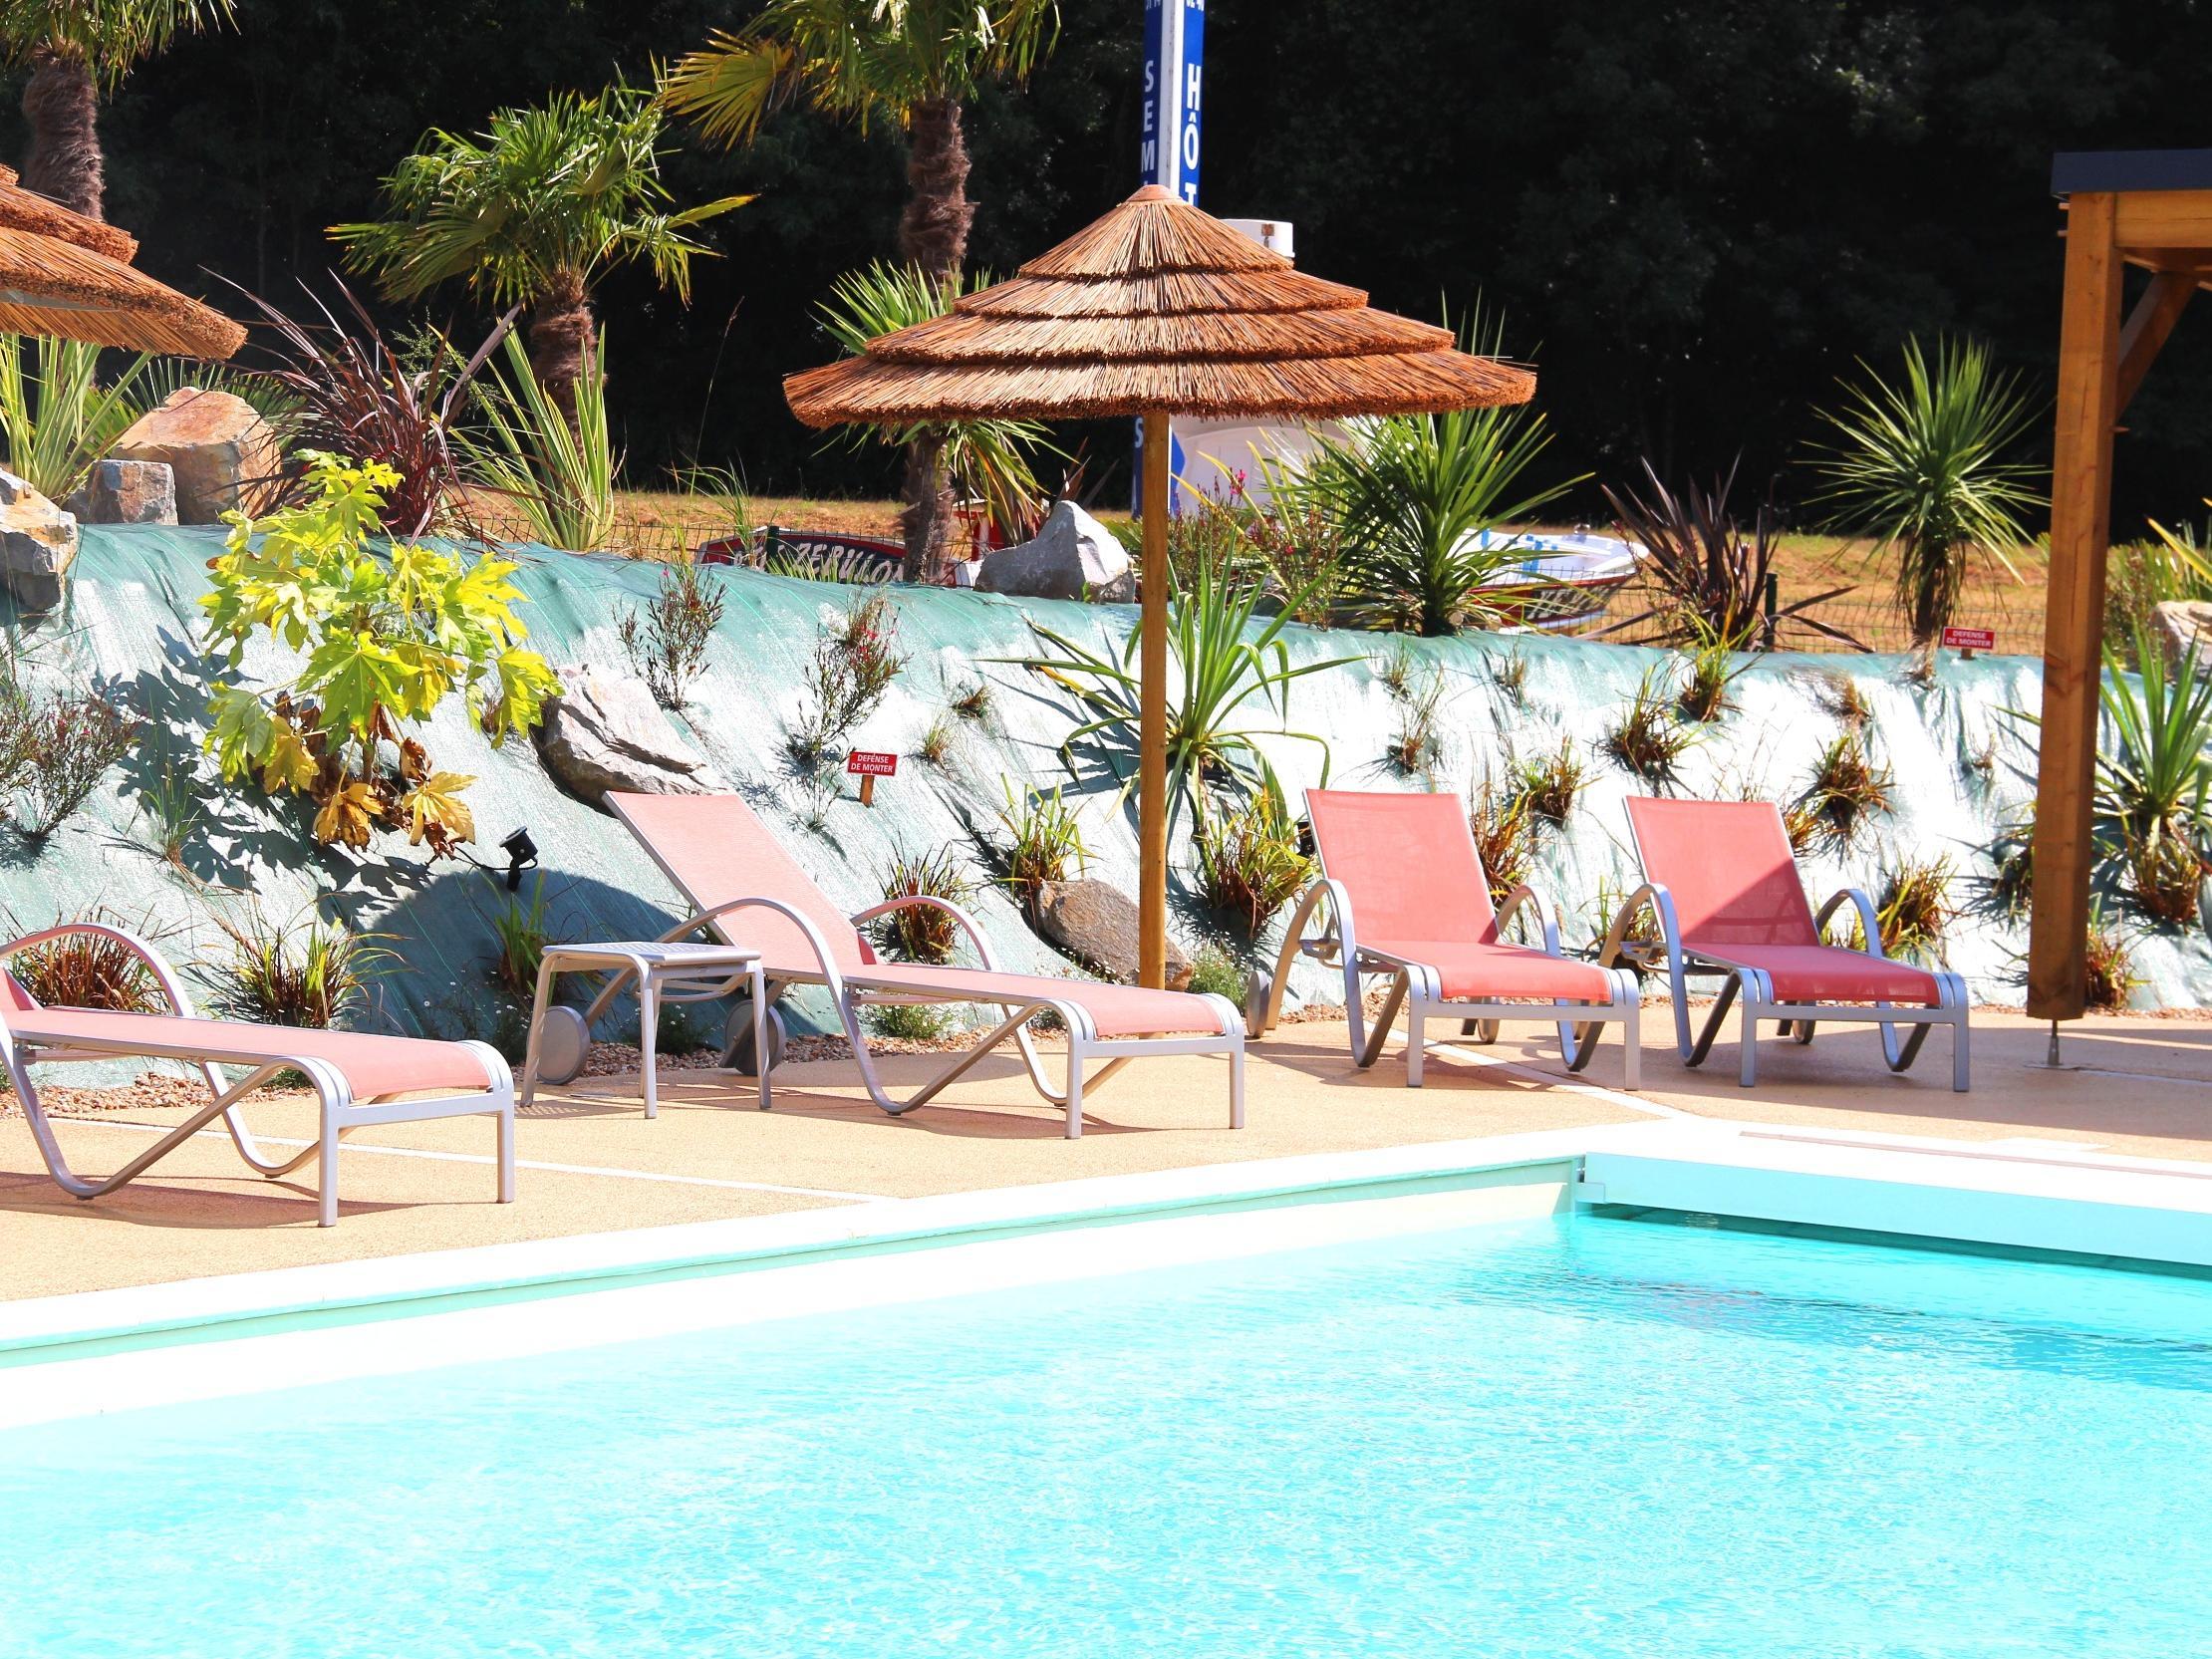 Hôtel Nuit De Retz Spa Port SaintPère - Hotel port saint pere